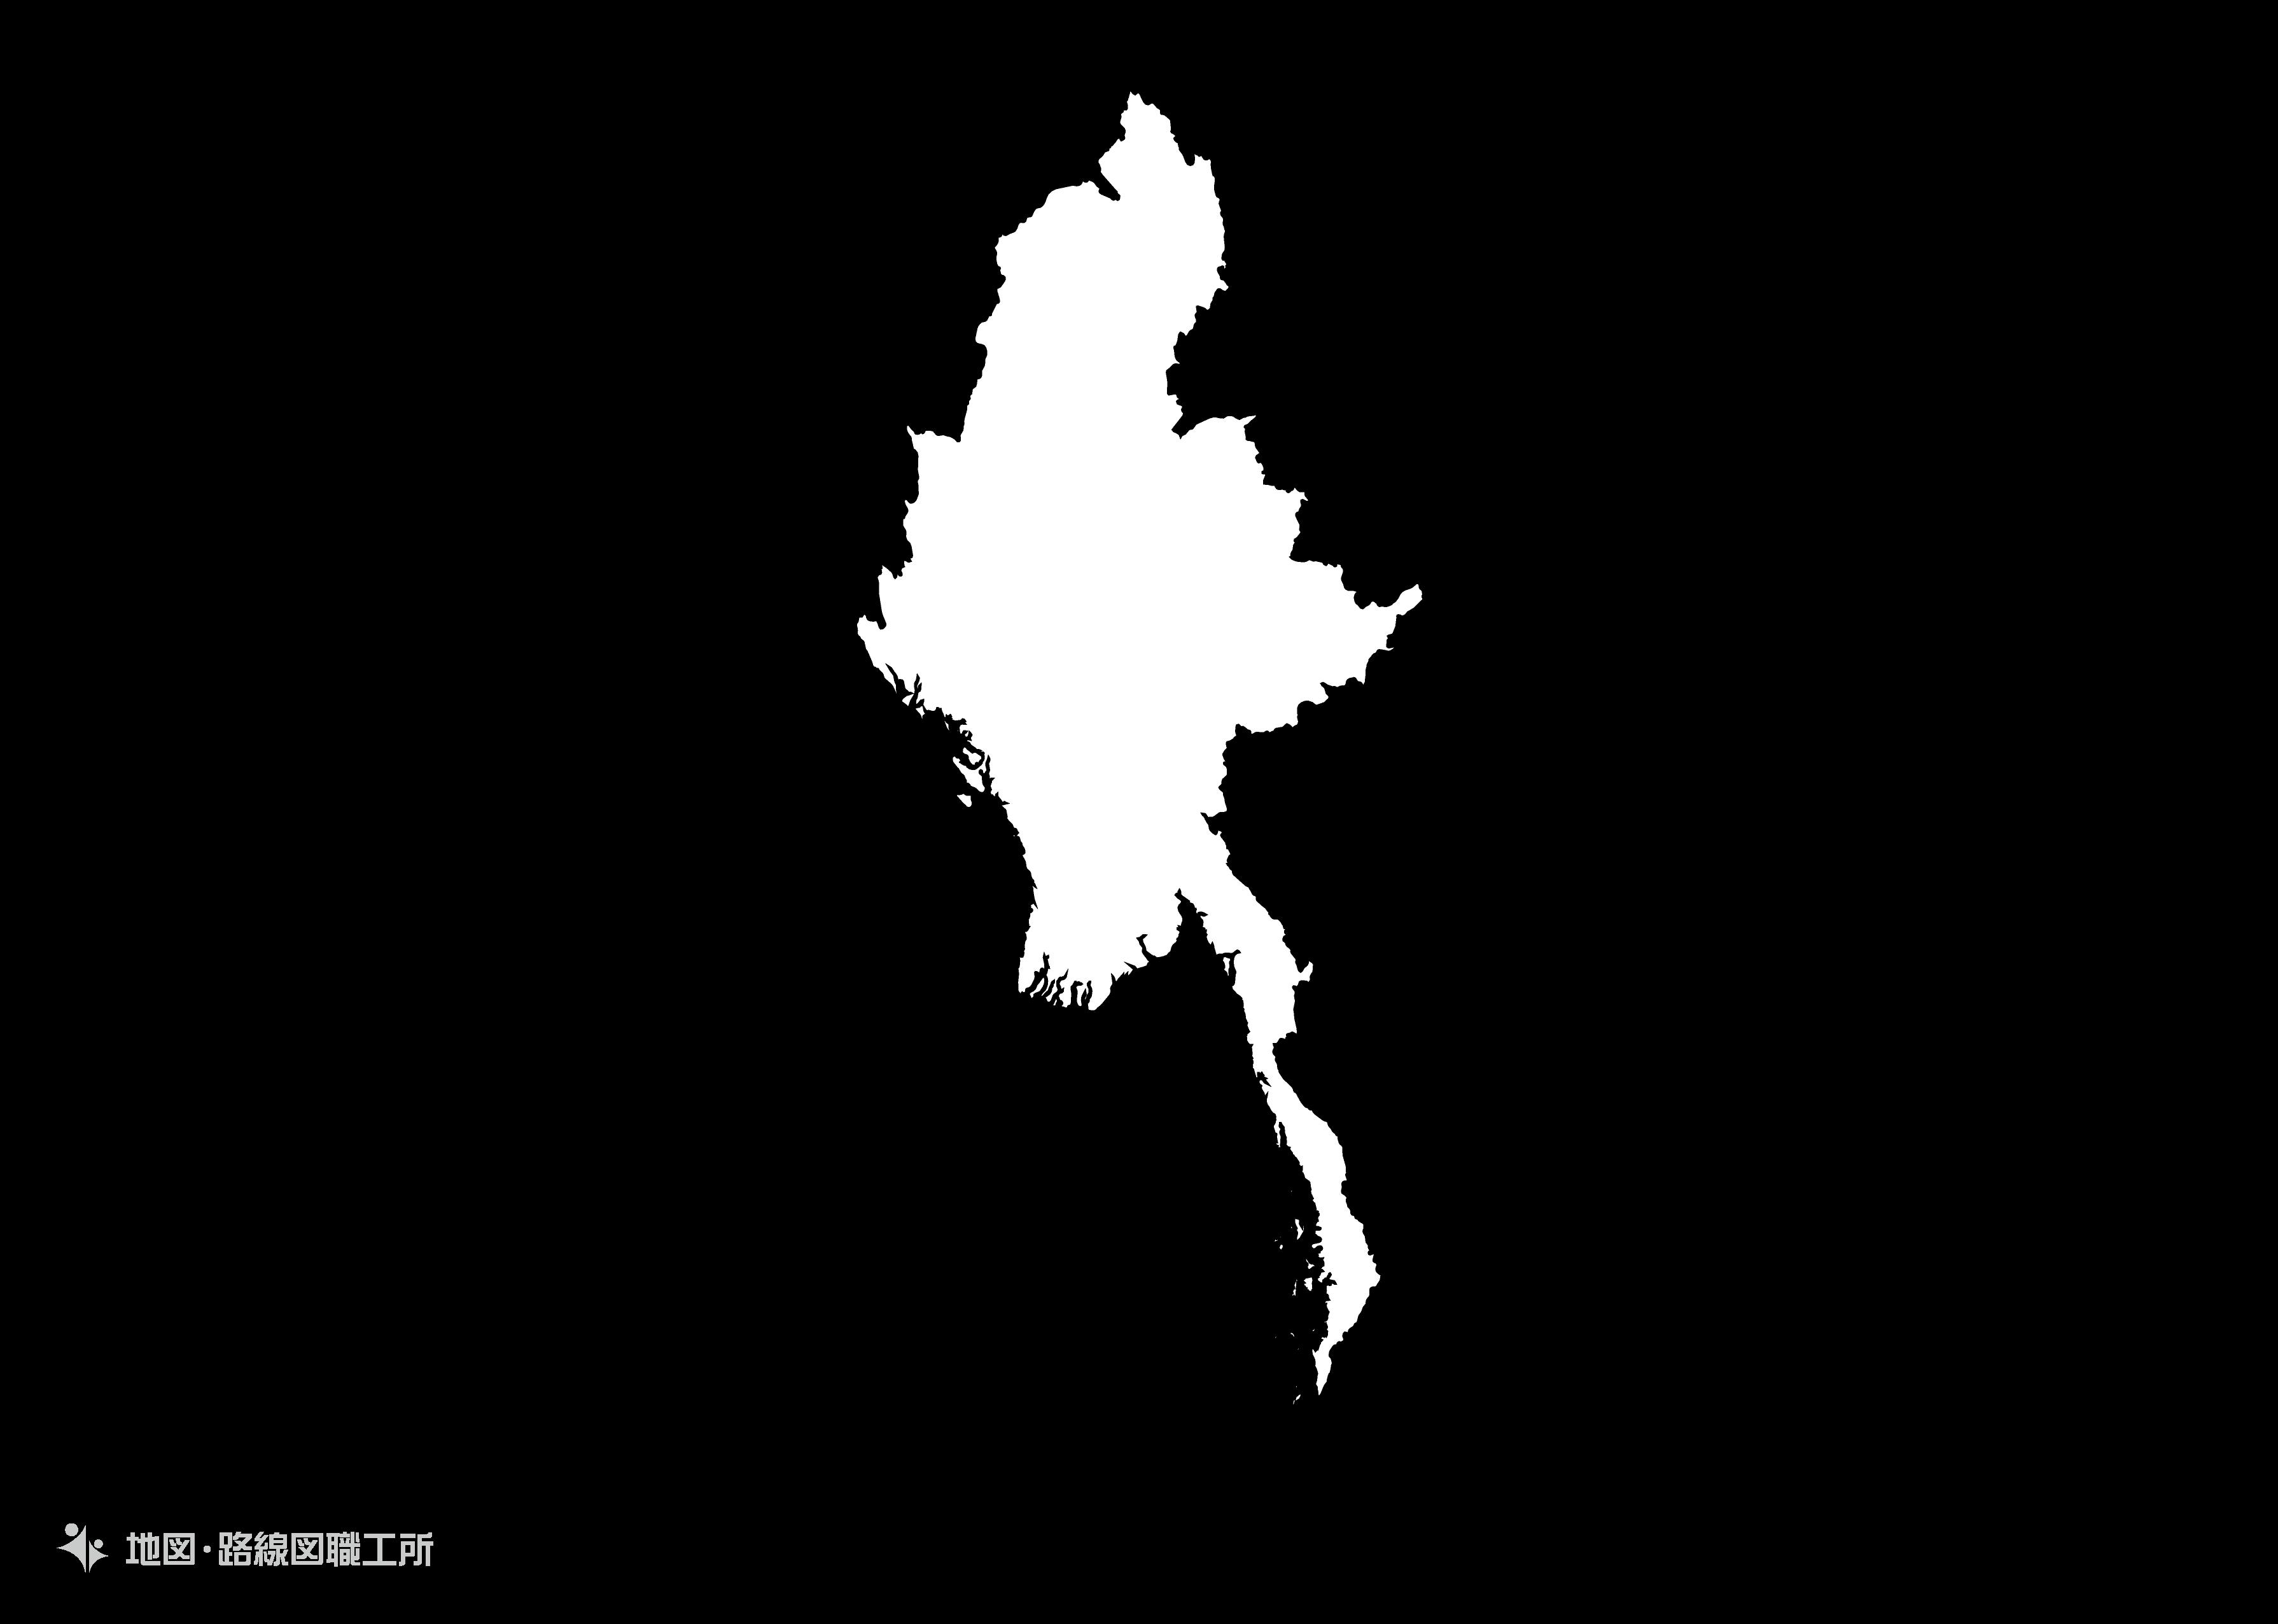 世界の白地図 ミャンマー連合共和国 republic-of-the-union-of-myanmar map